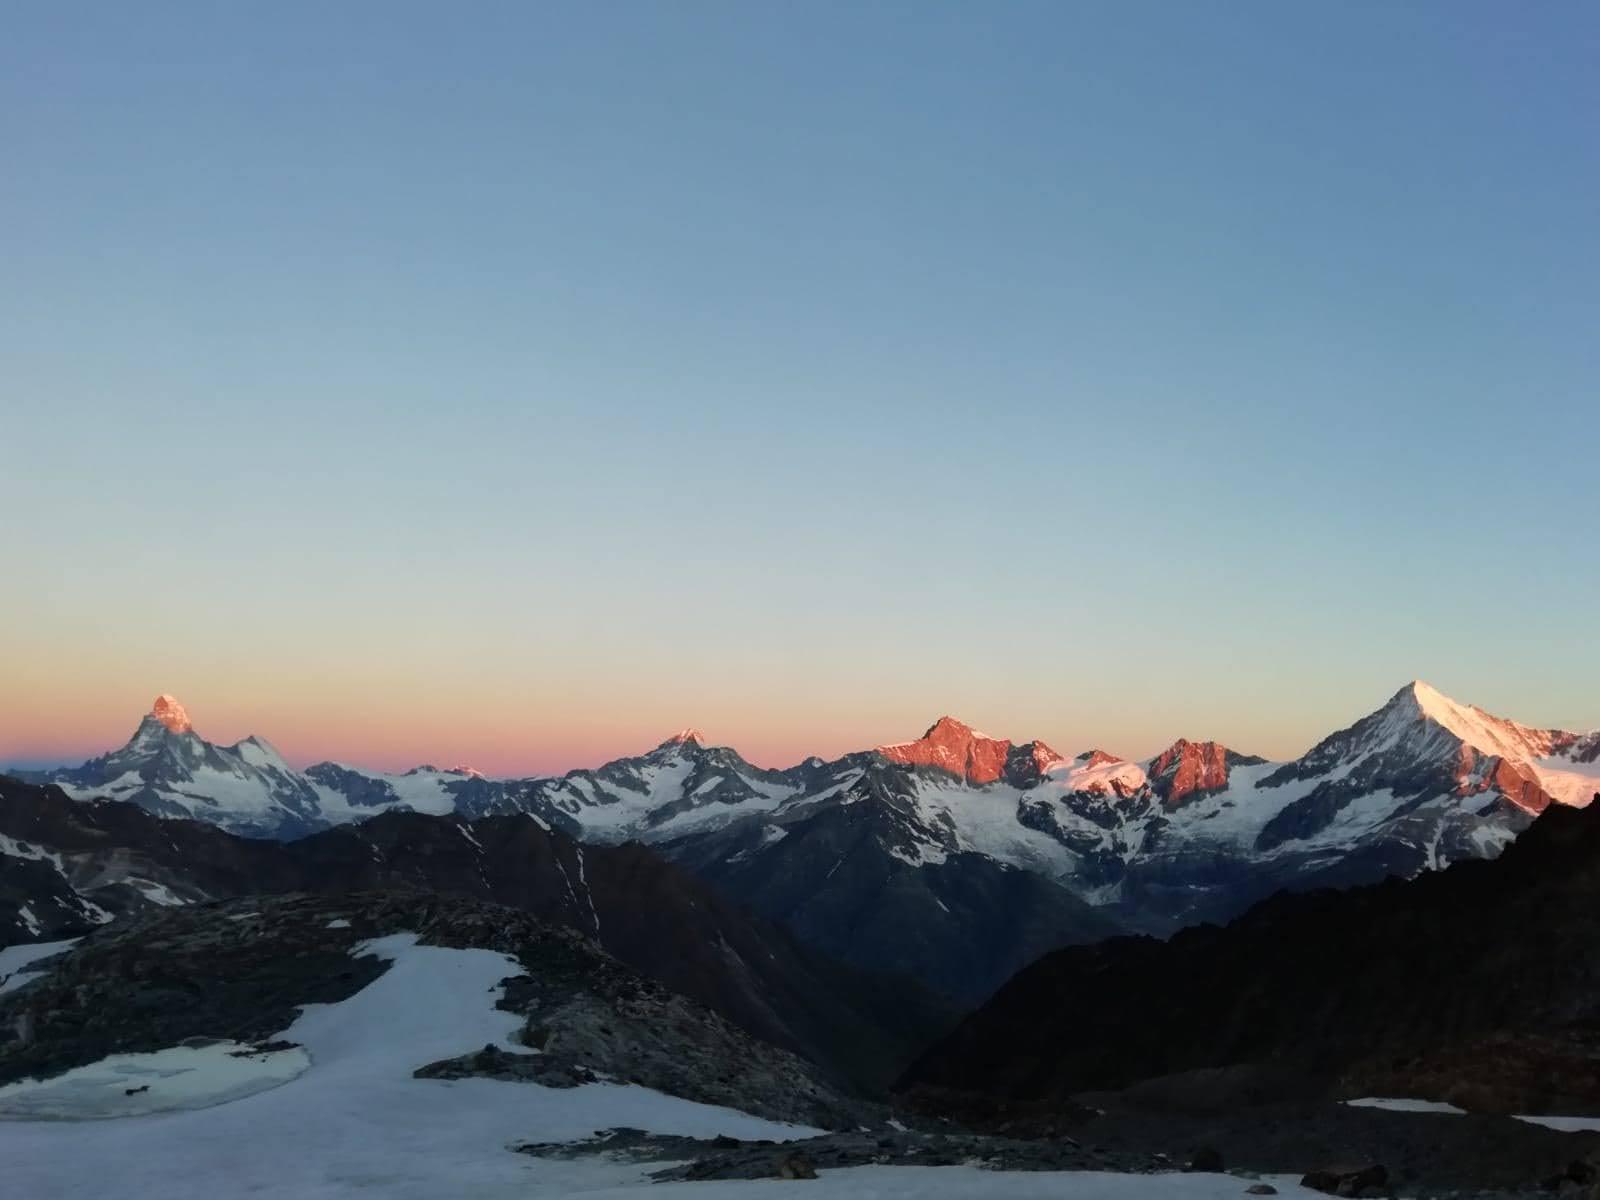 Spettacolare alba sul Cervino